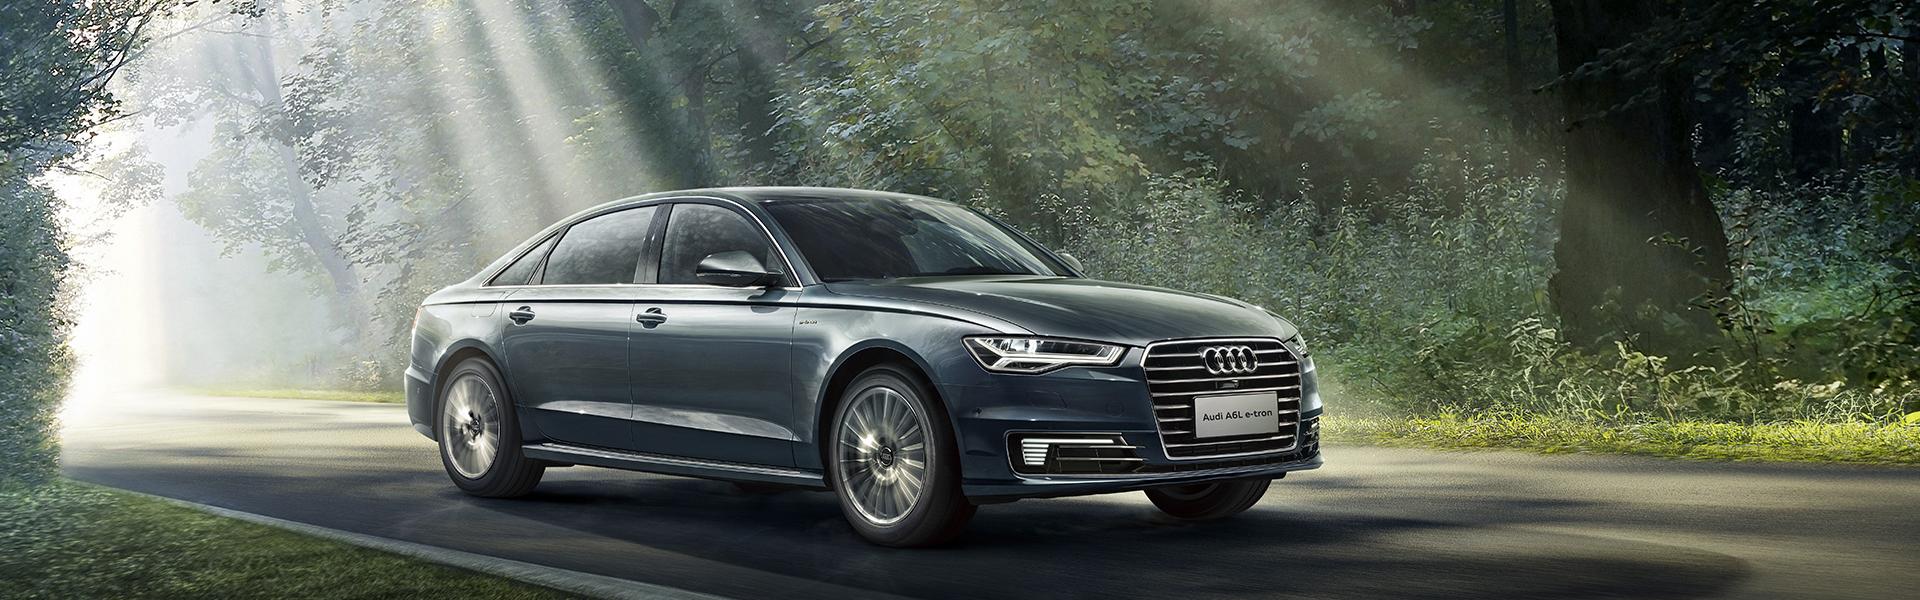 Audi A6L e-tron